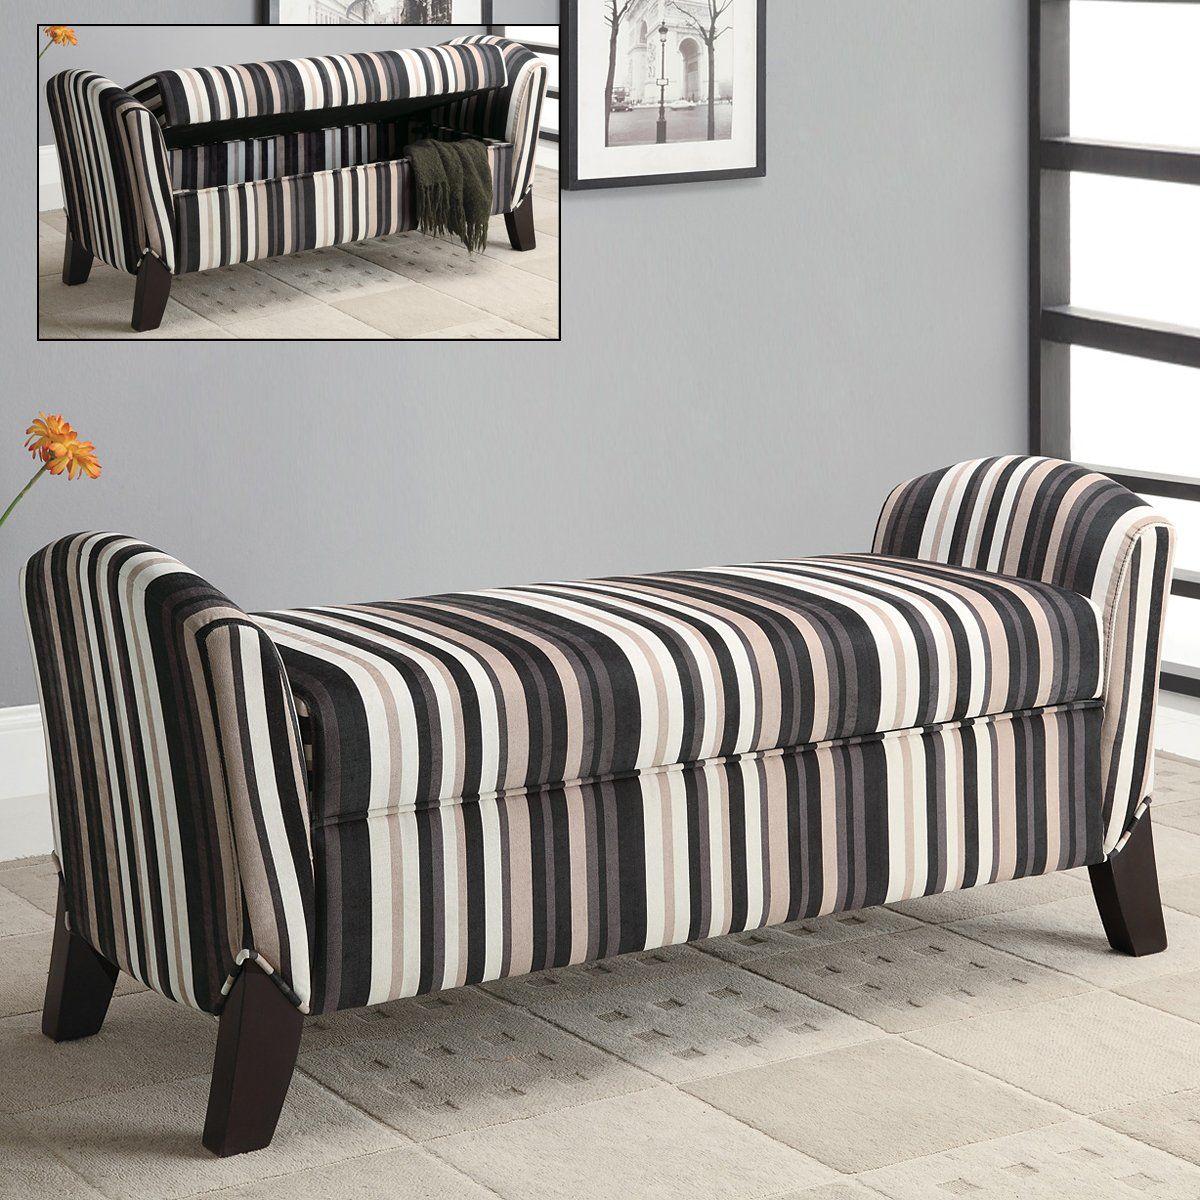 Coaster Fine Furniture 50095 Storage Bench